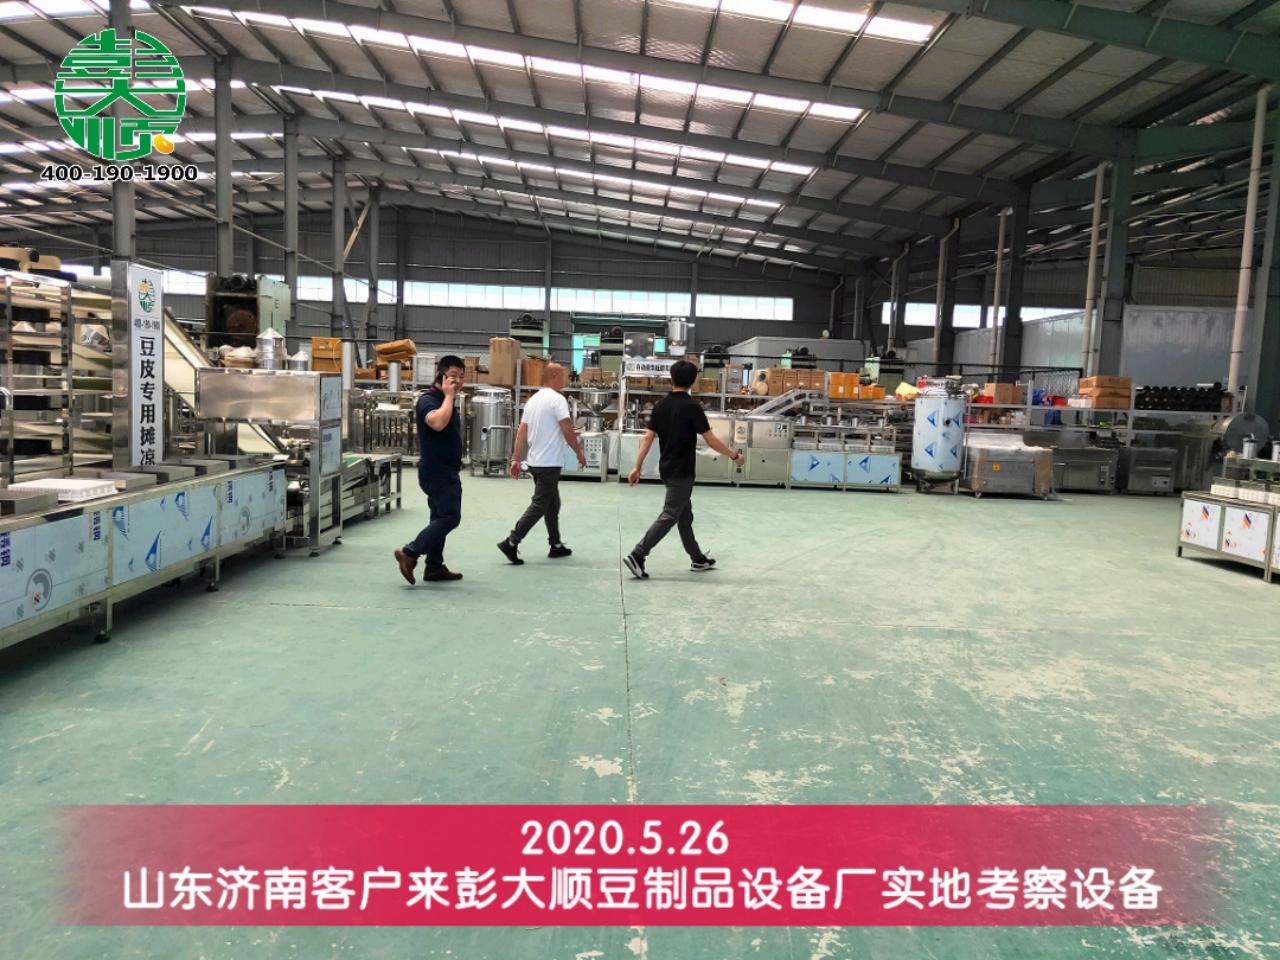 彭大顺豆制品设备再迎同伴,质量的魅力是强大的